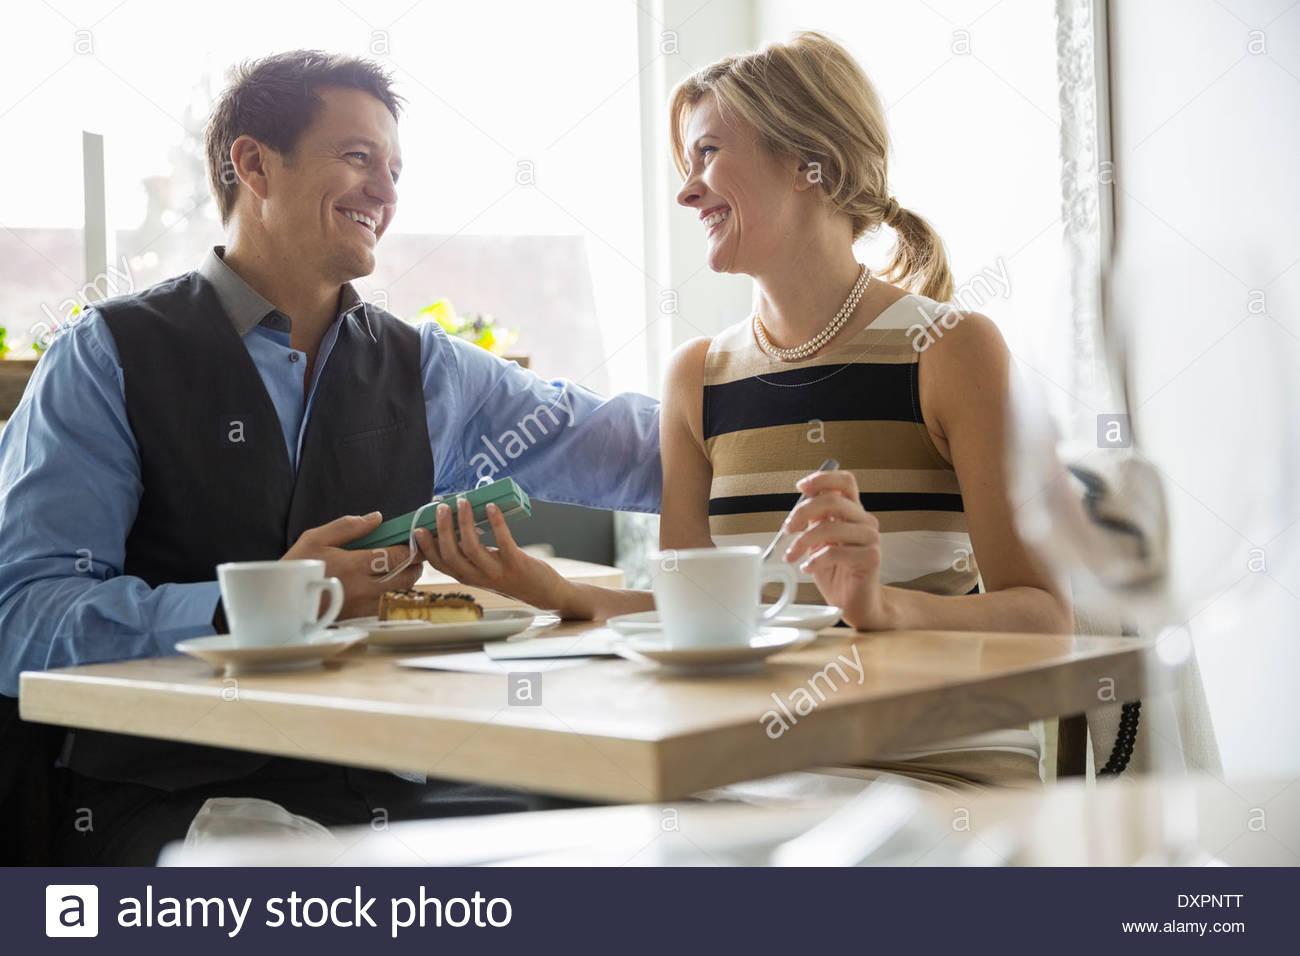 Female friends avec cadeau à table bistro Photo Stock